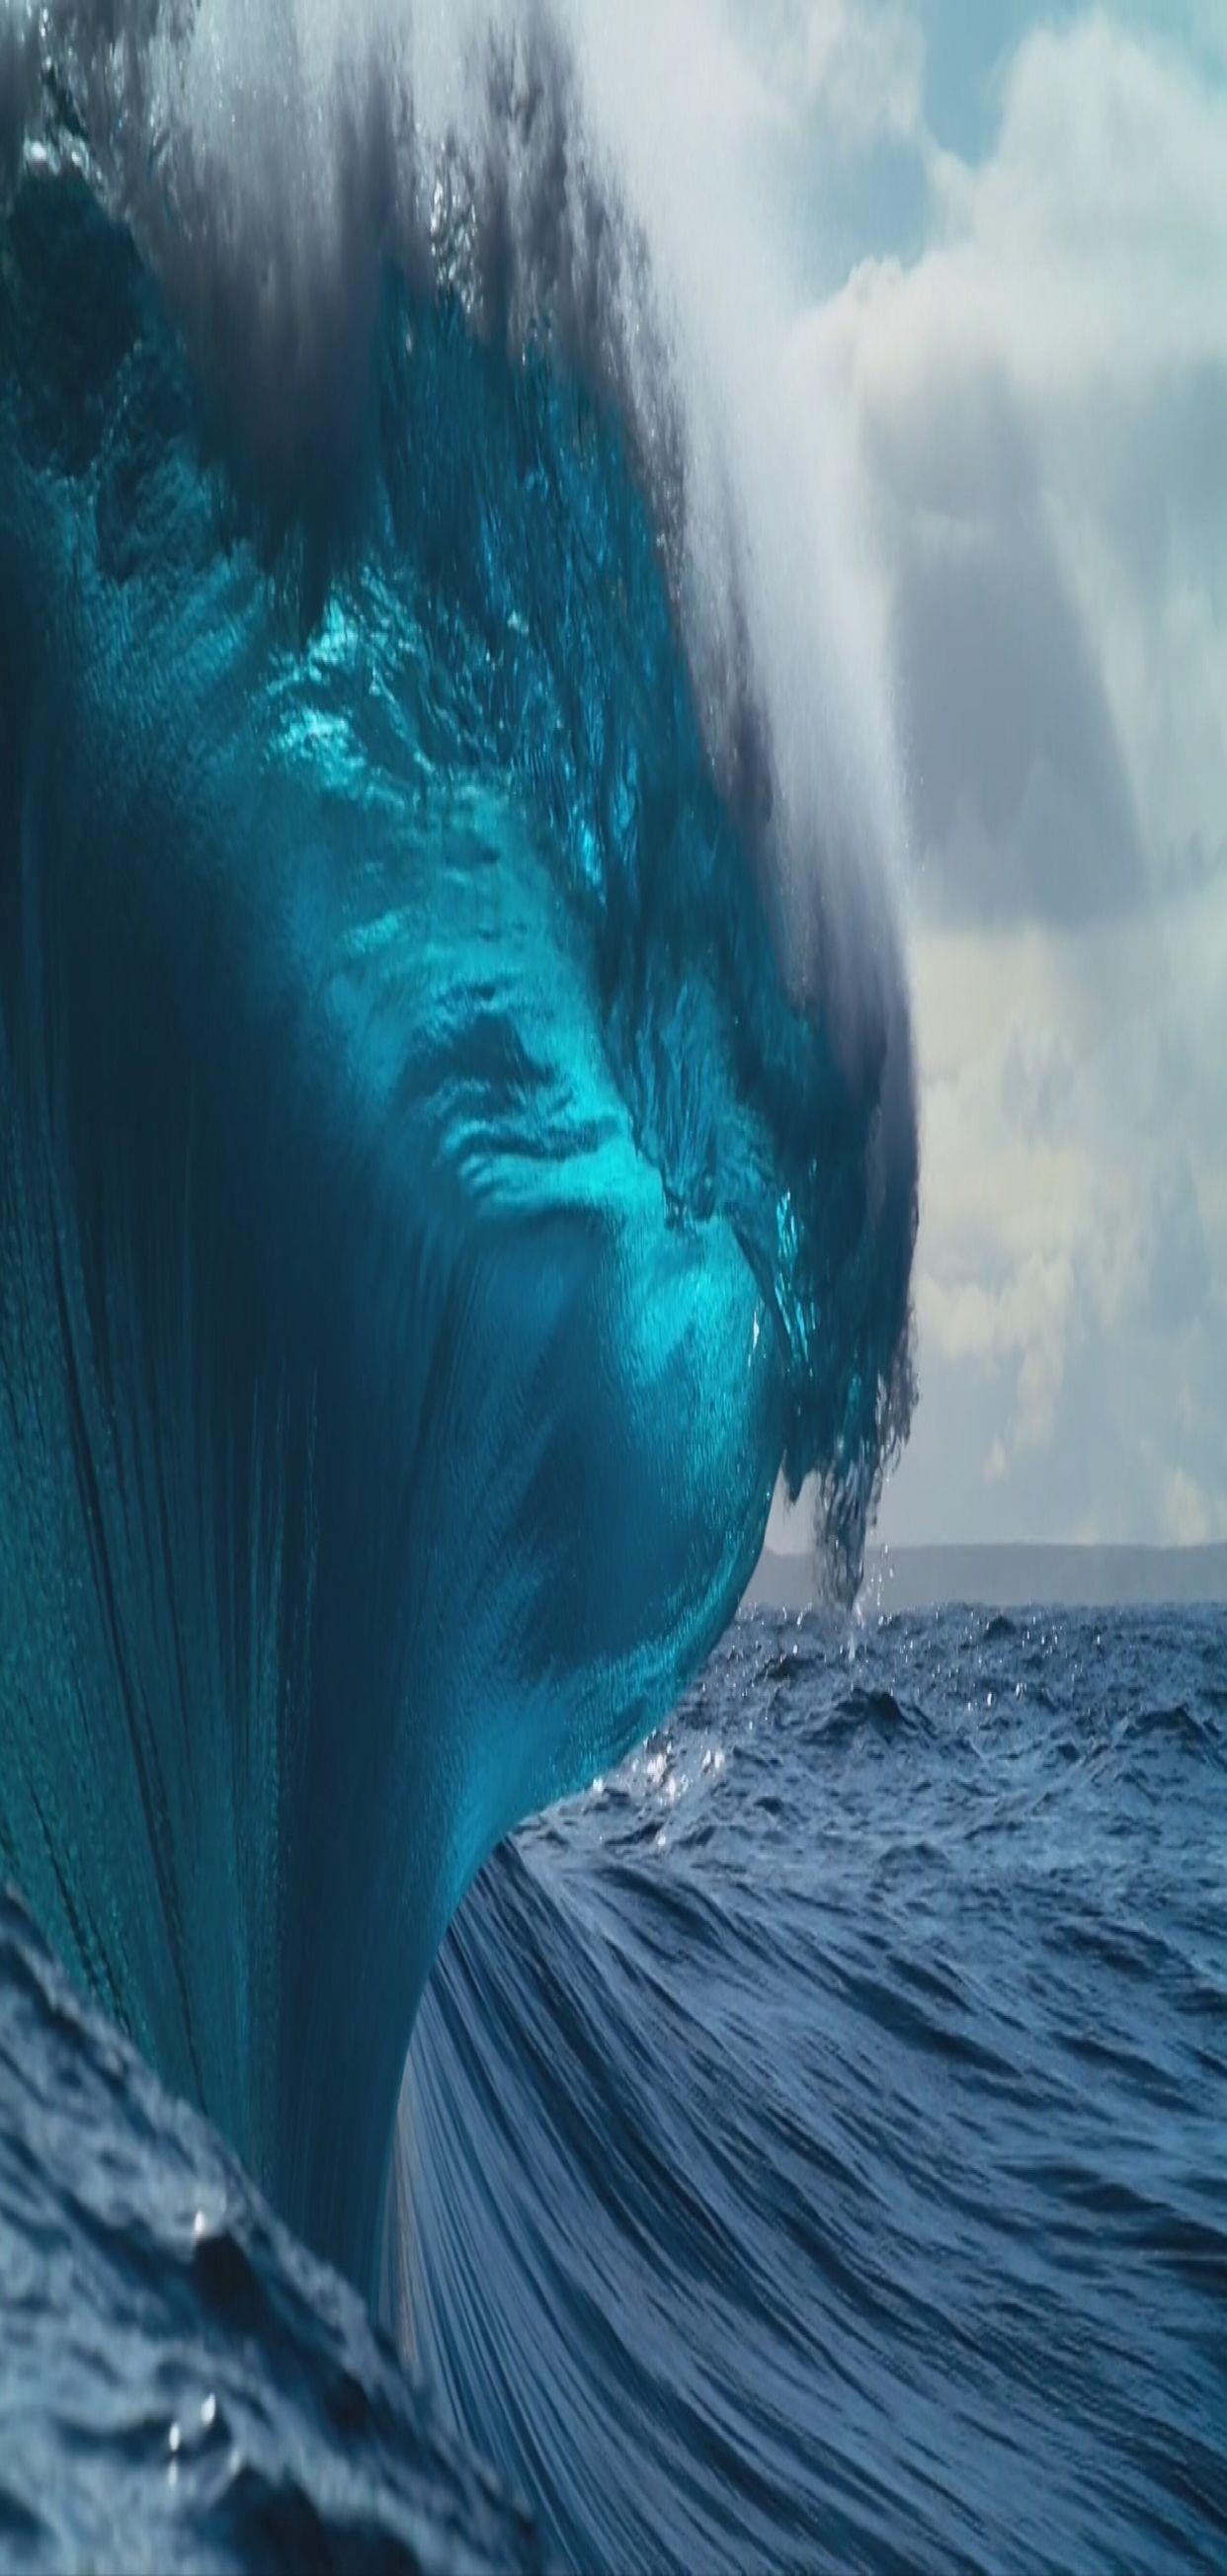 Ocean Water Wallpapers Hd Wallpaper Collections